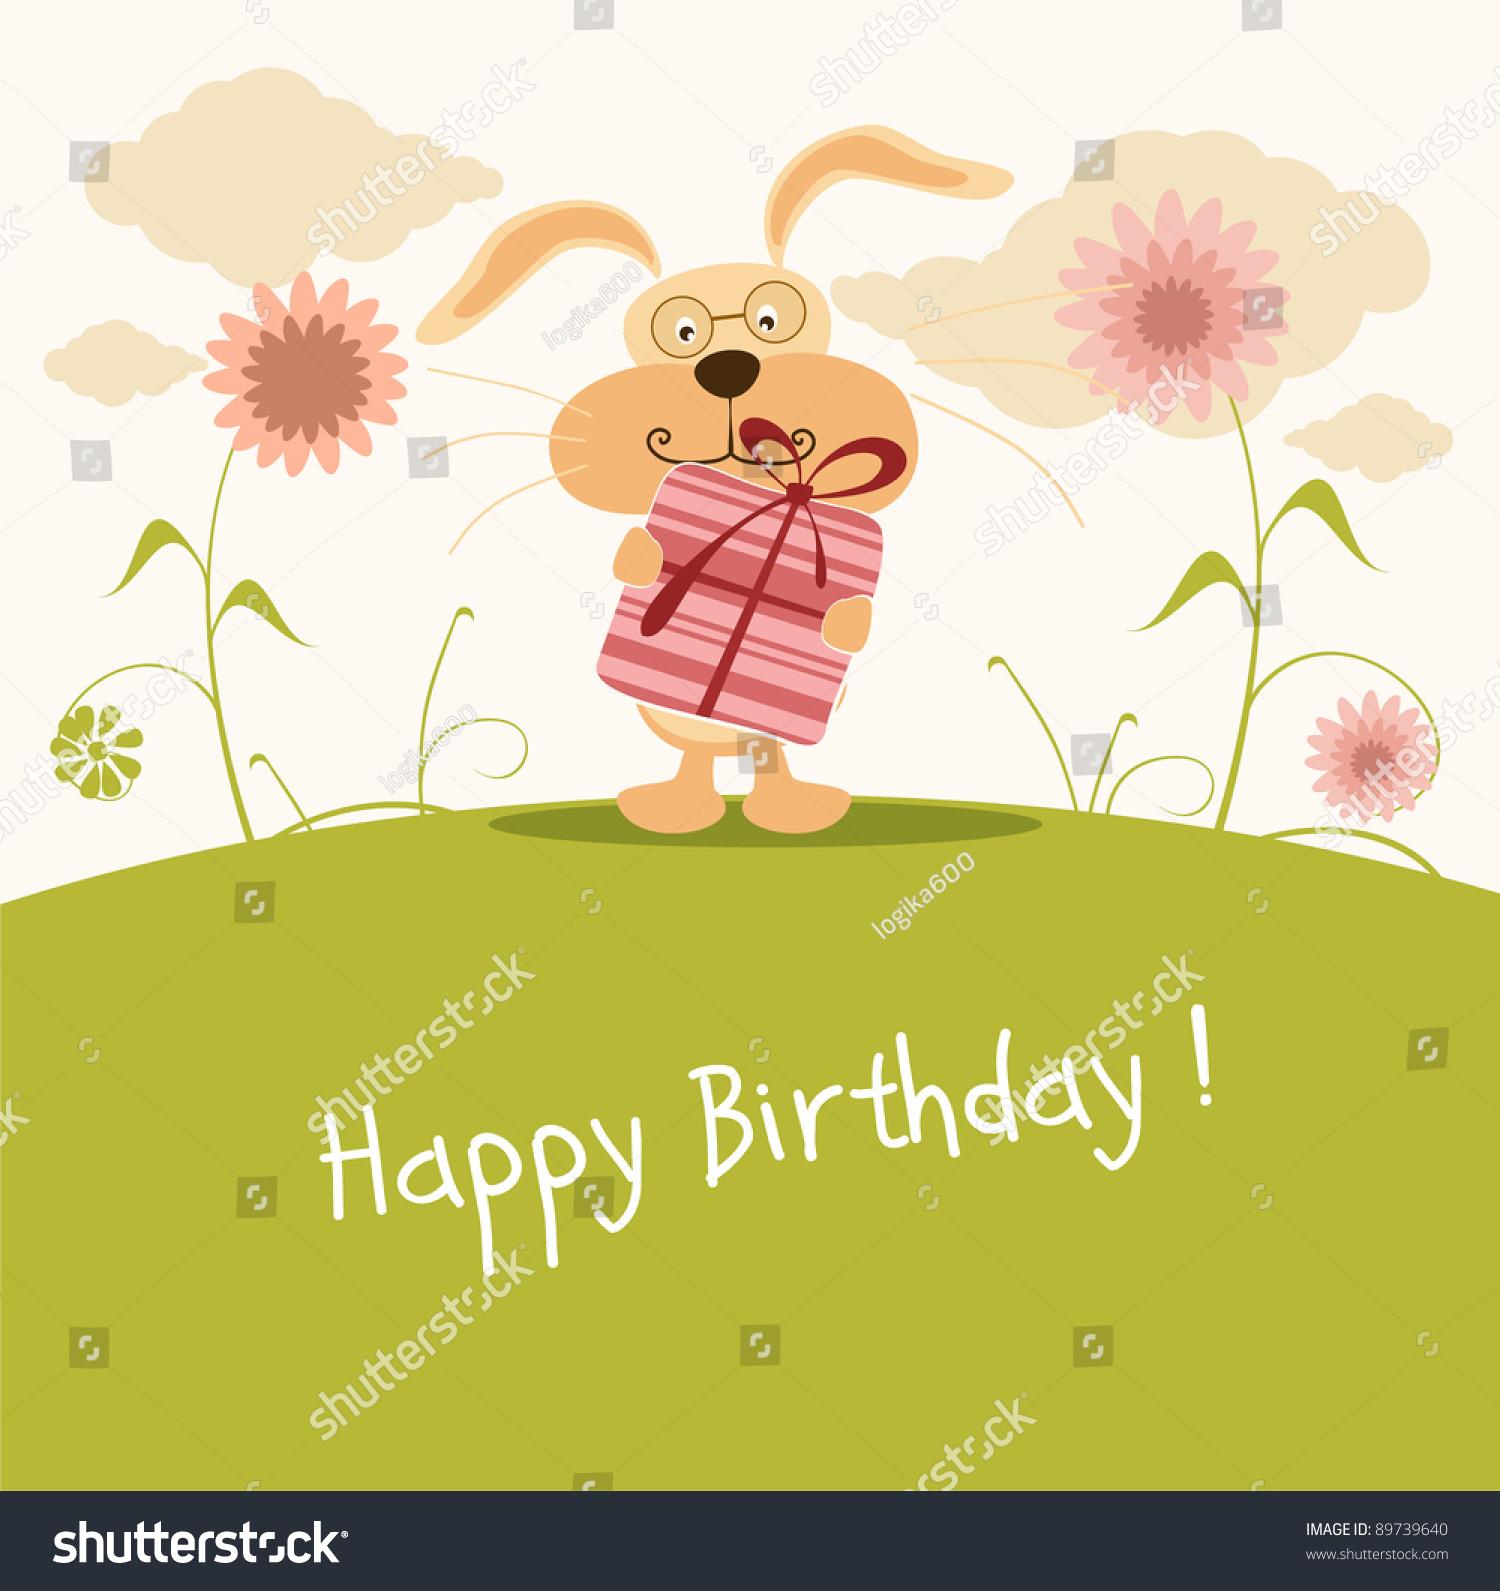 Happy Birthday Card Cute Bunny Vector 89739640 Shutterstock – Happy Birthday Cards Cute